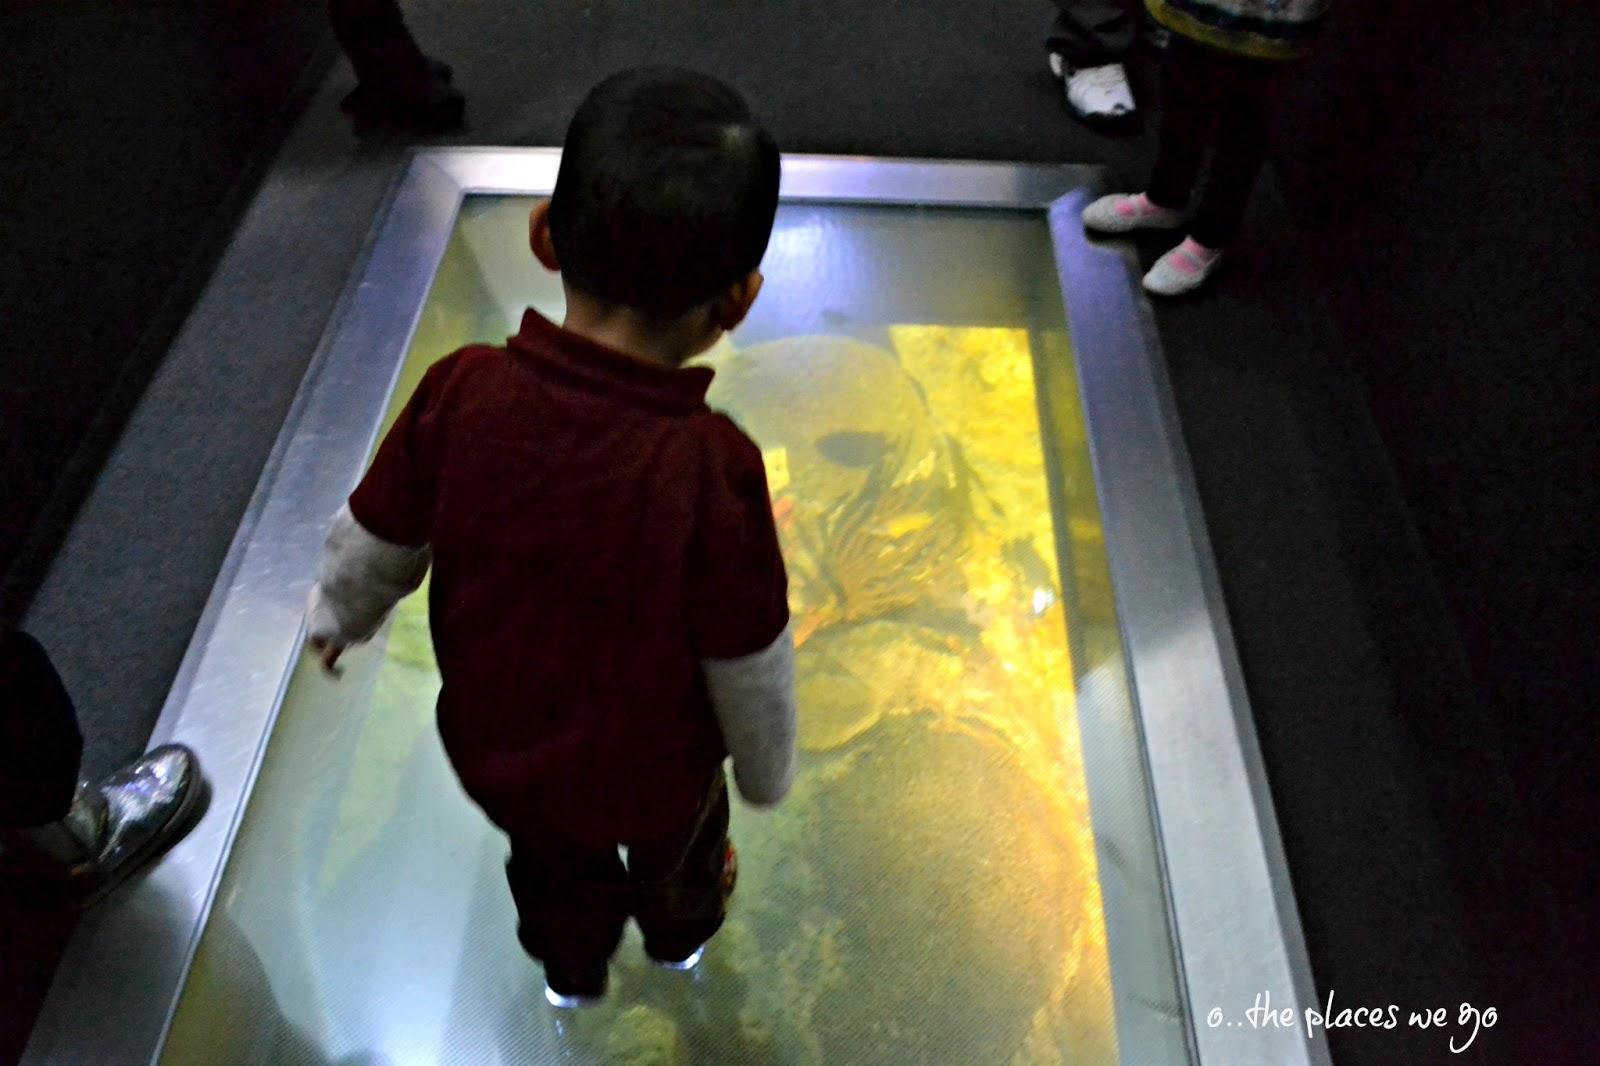 Denah Desain Lantai Kaca Kolam ikan » Gambar 333 Lantai Kaca dengan Kolam Ikan